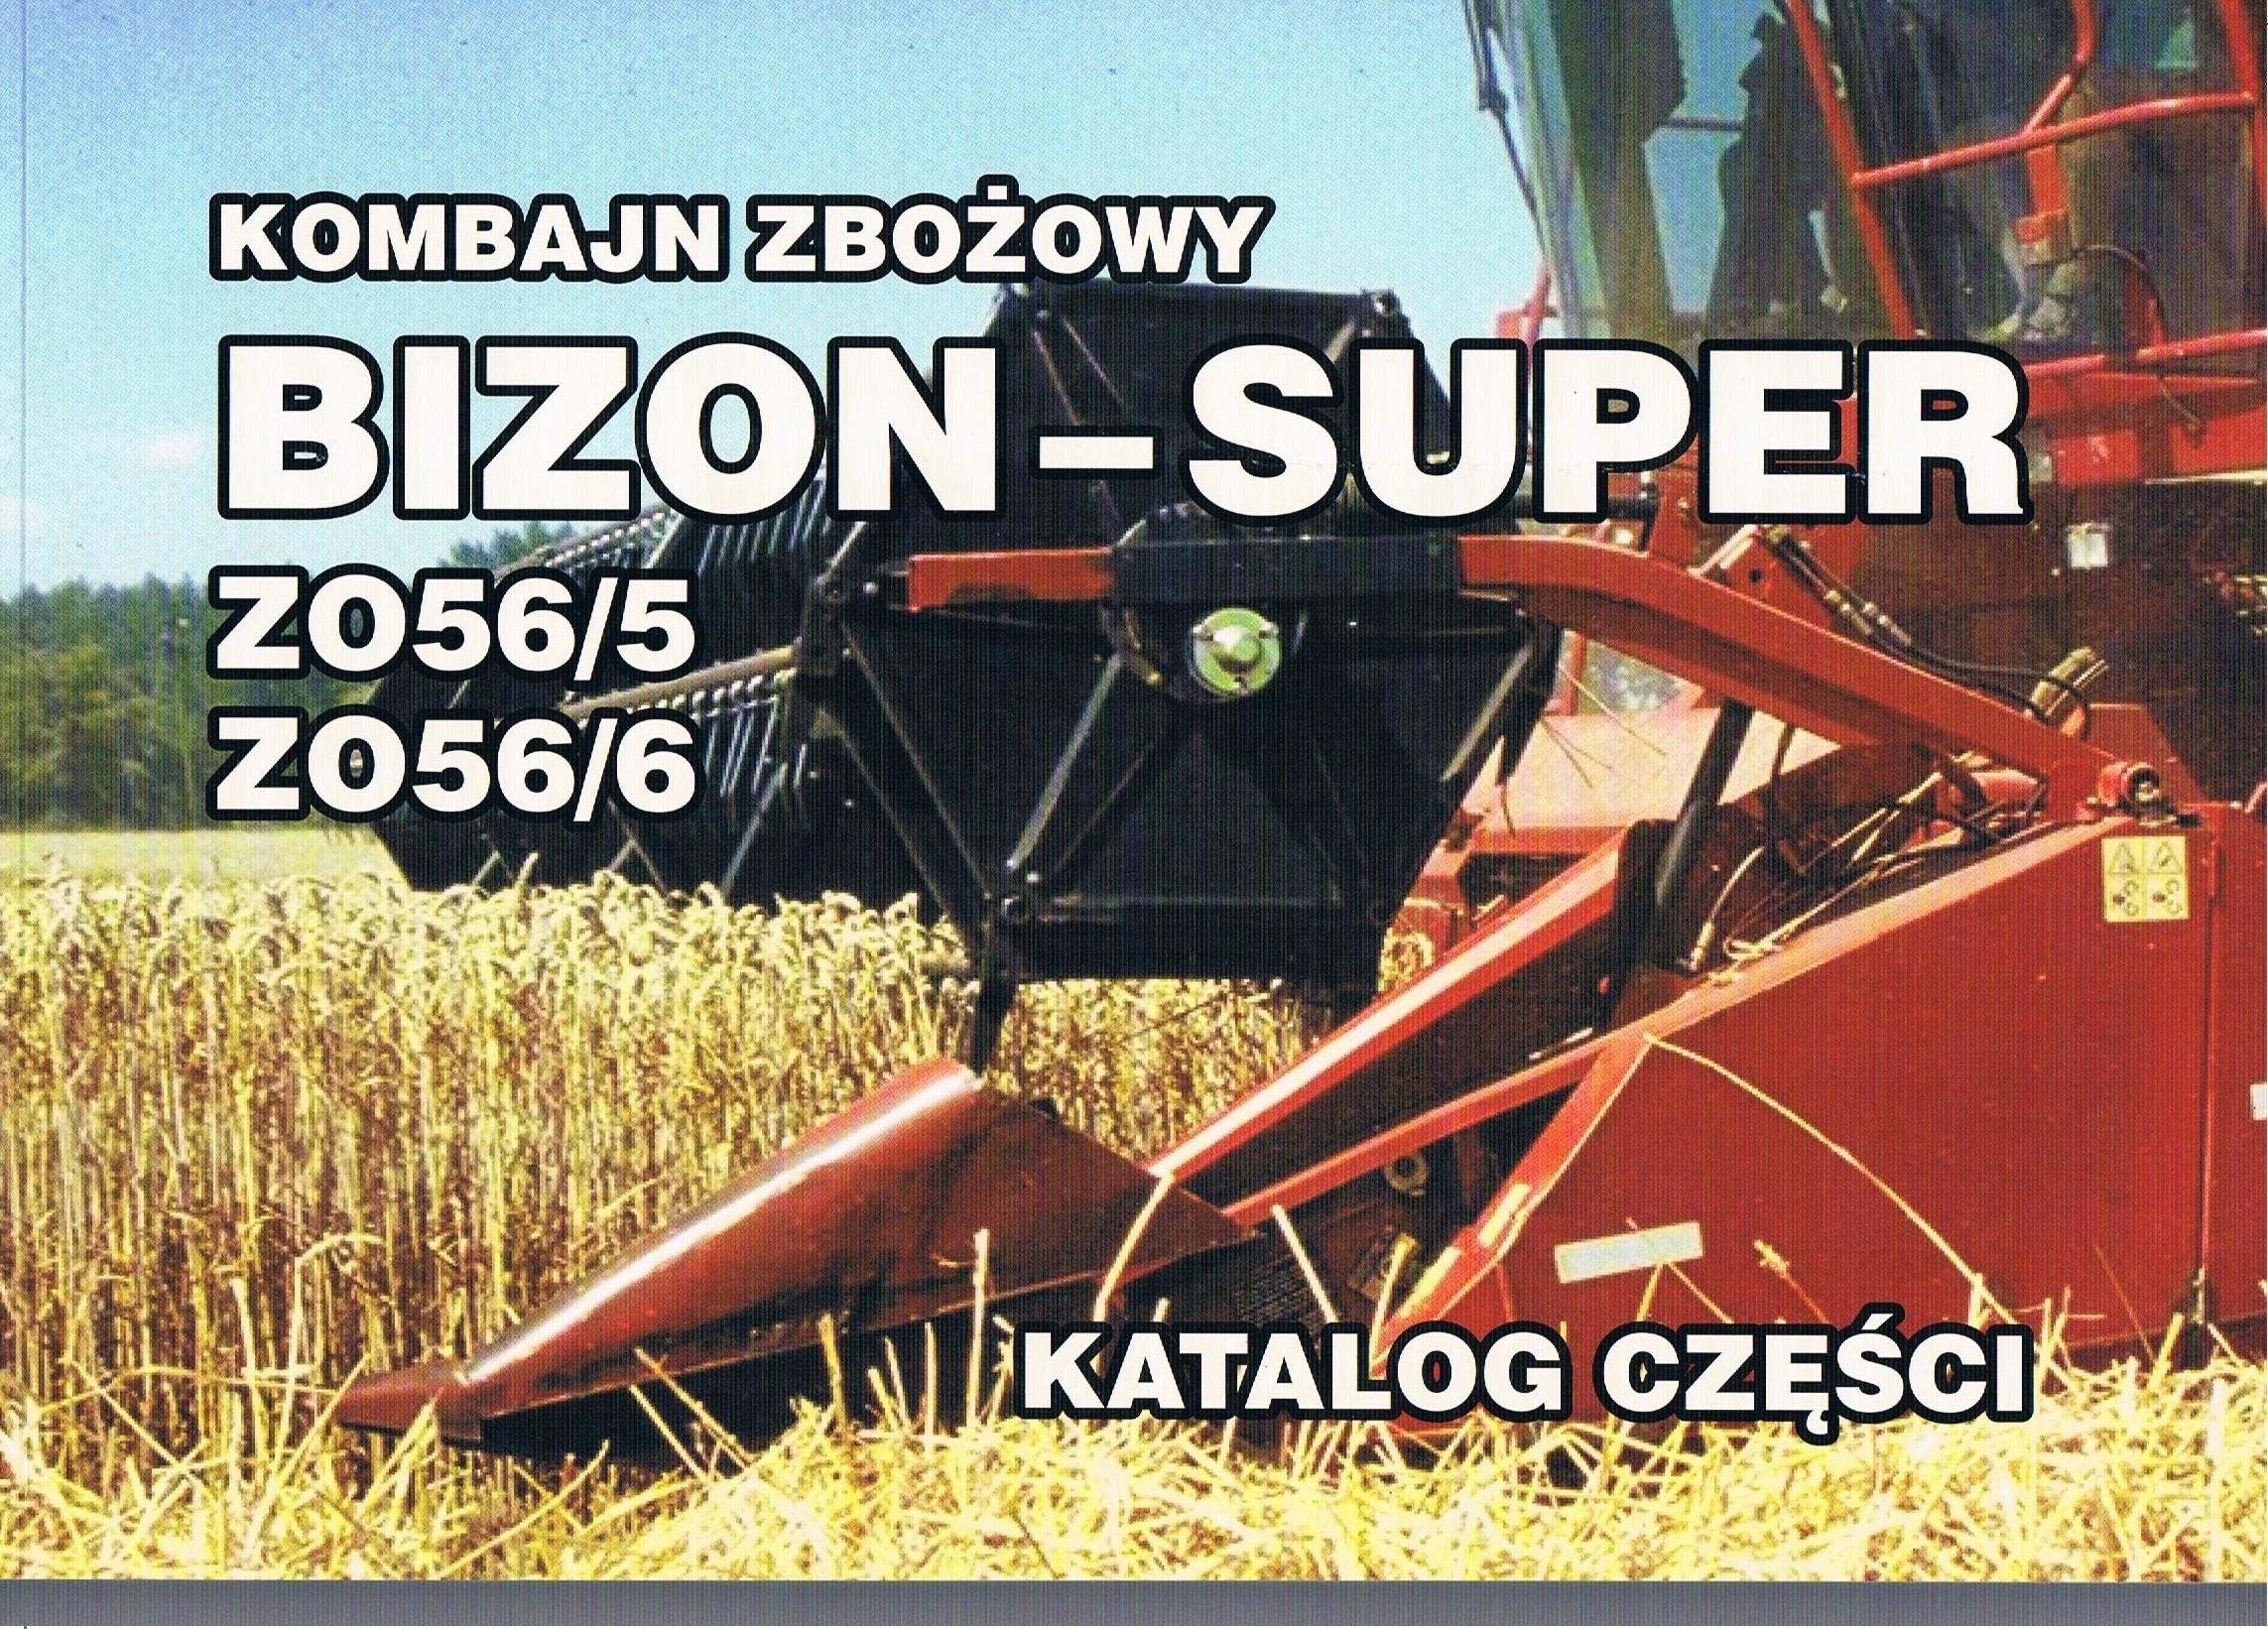 Katalog Kombajn Zbozowy Bizon Super Z 056 5 Z 05 Wrzesnia Allegro Pl